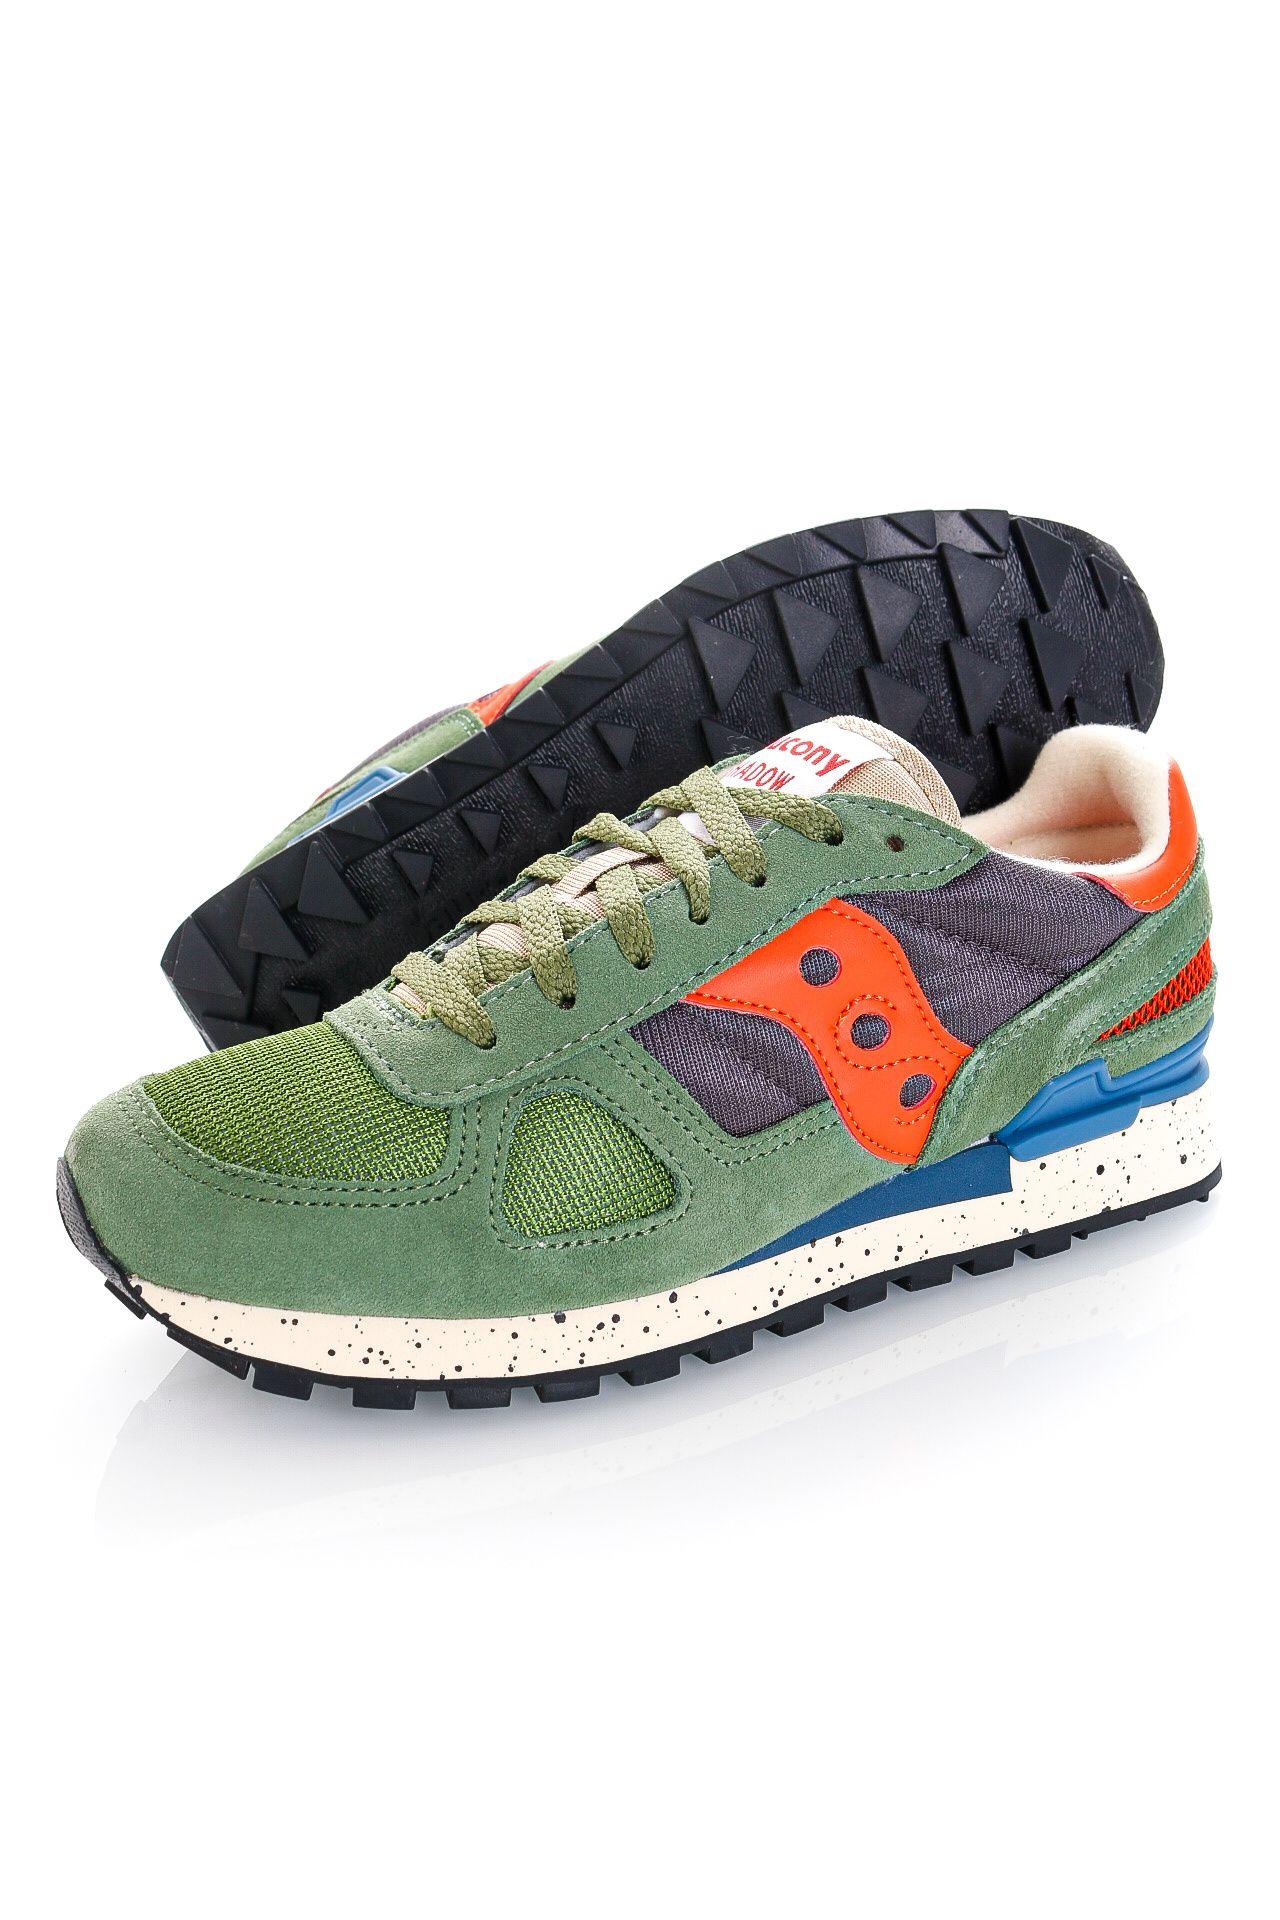 Afbeelding van Saucony Sneakers Shadow Original Green/Grey/Orange S2108-793